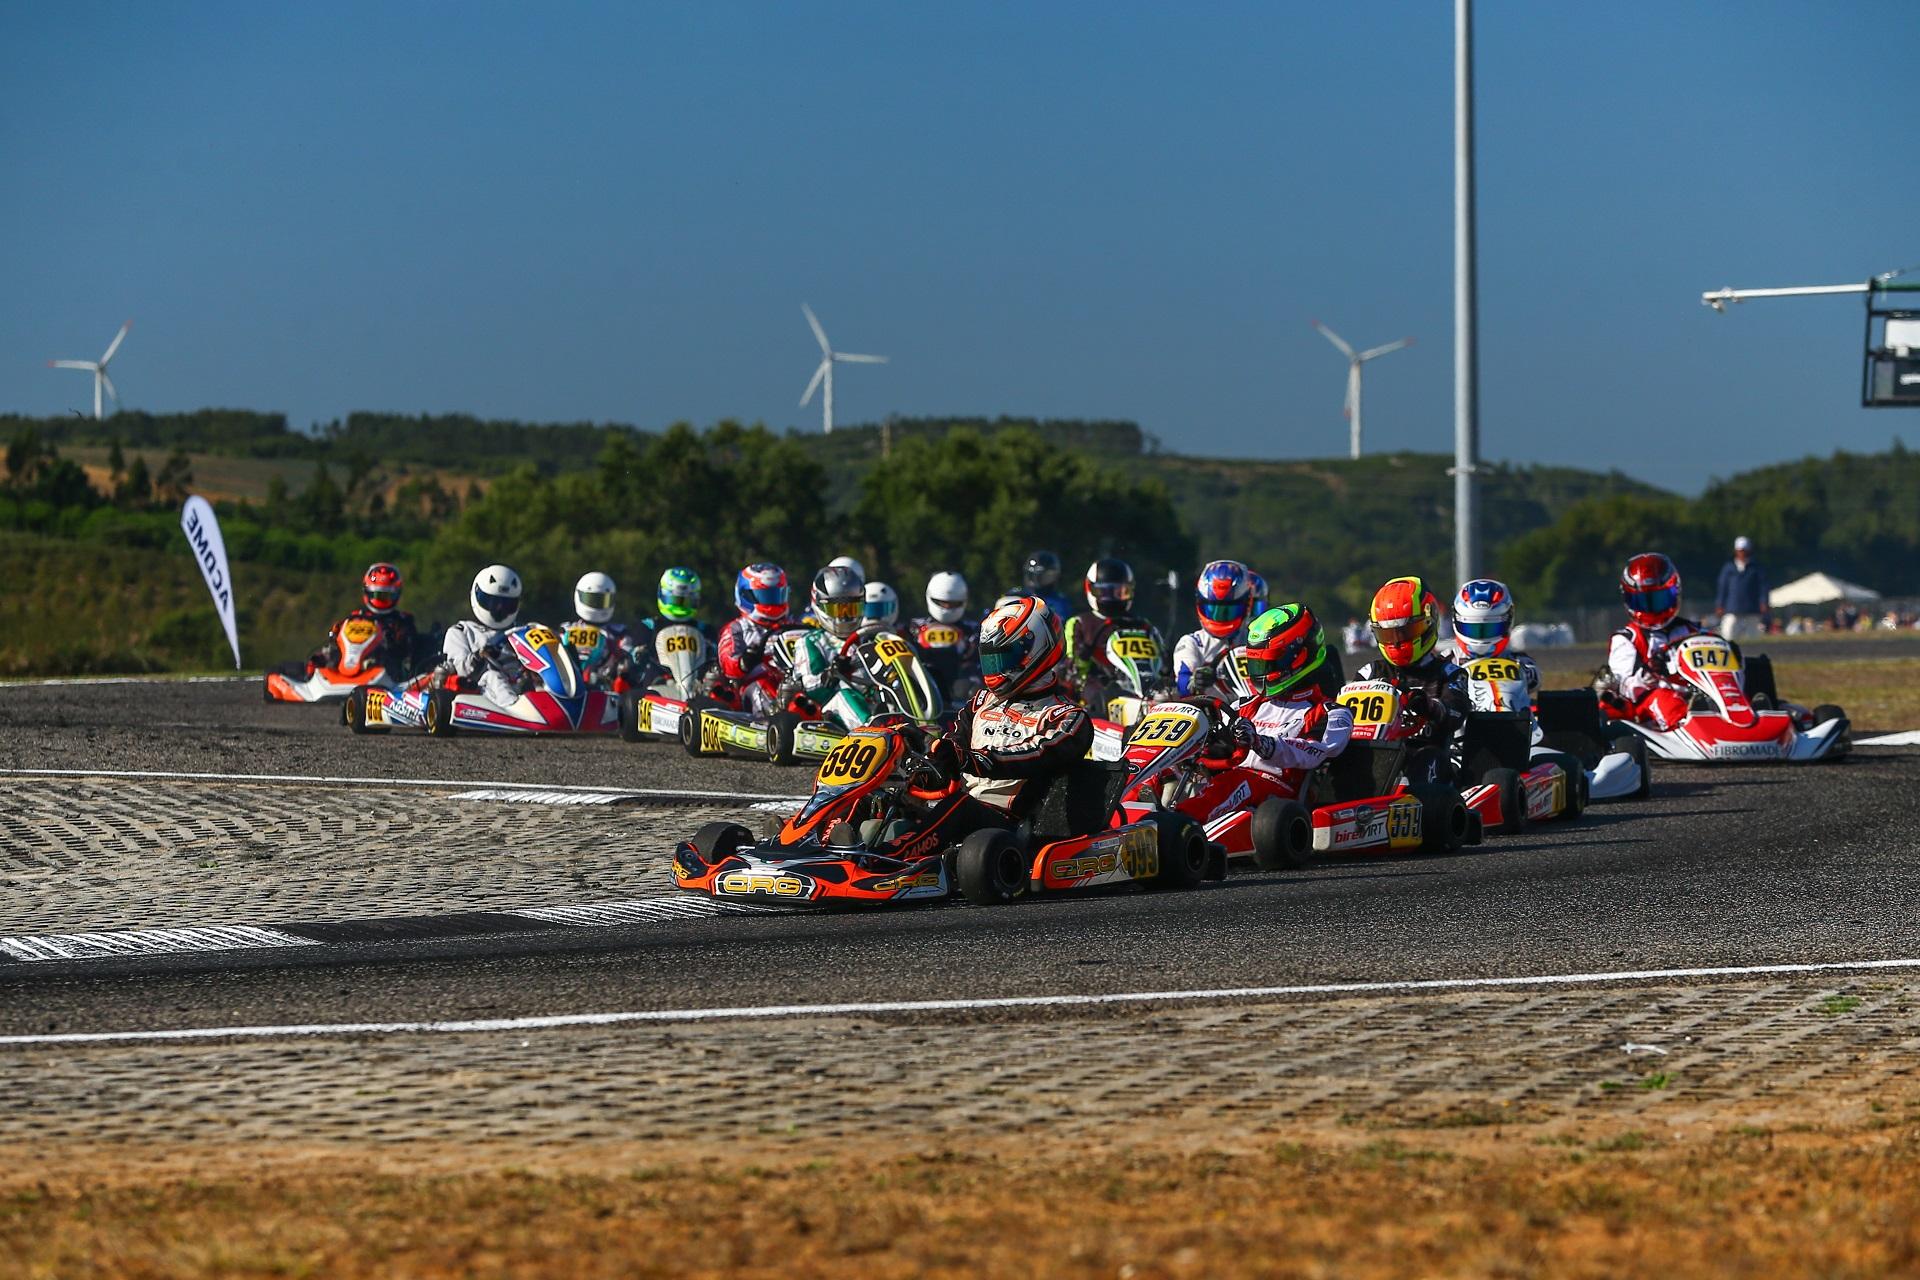 André Serafim, Ricardo Borges e Paulo Martins triunfam no CPK da X30 Super Shifter